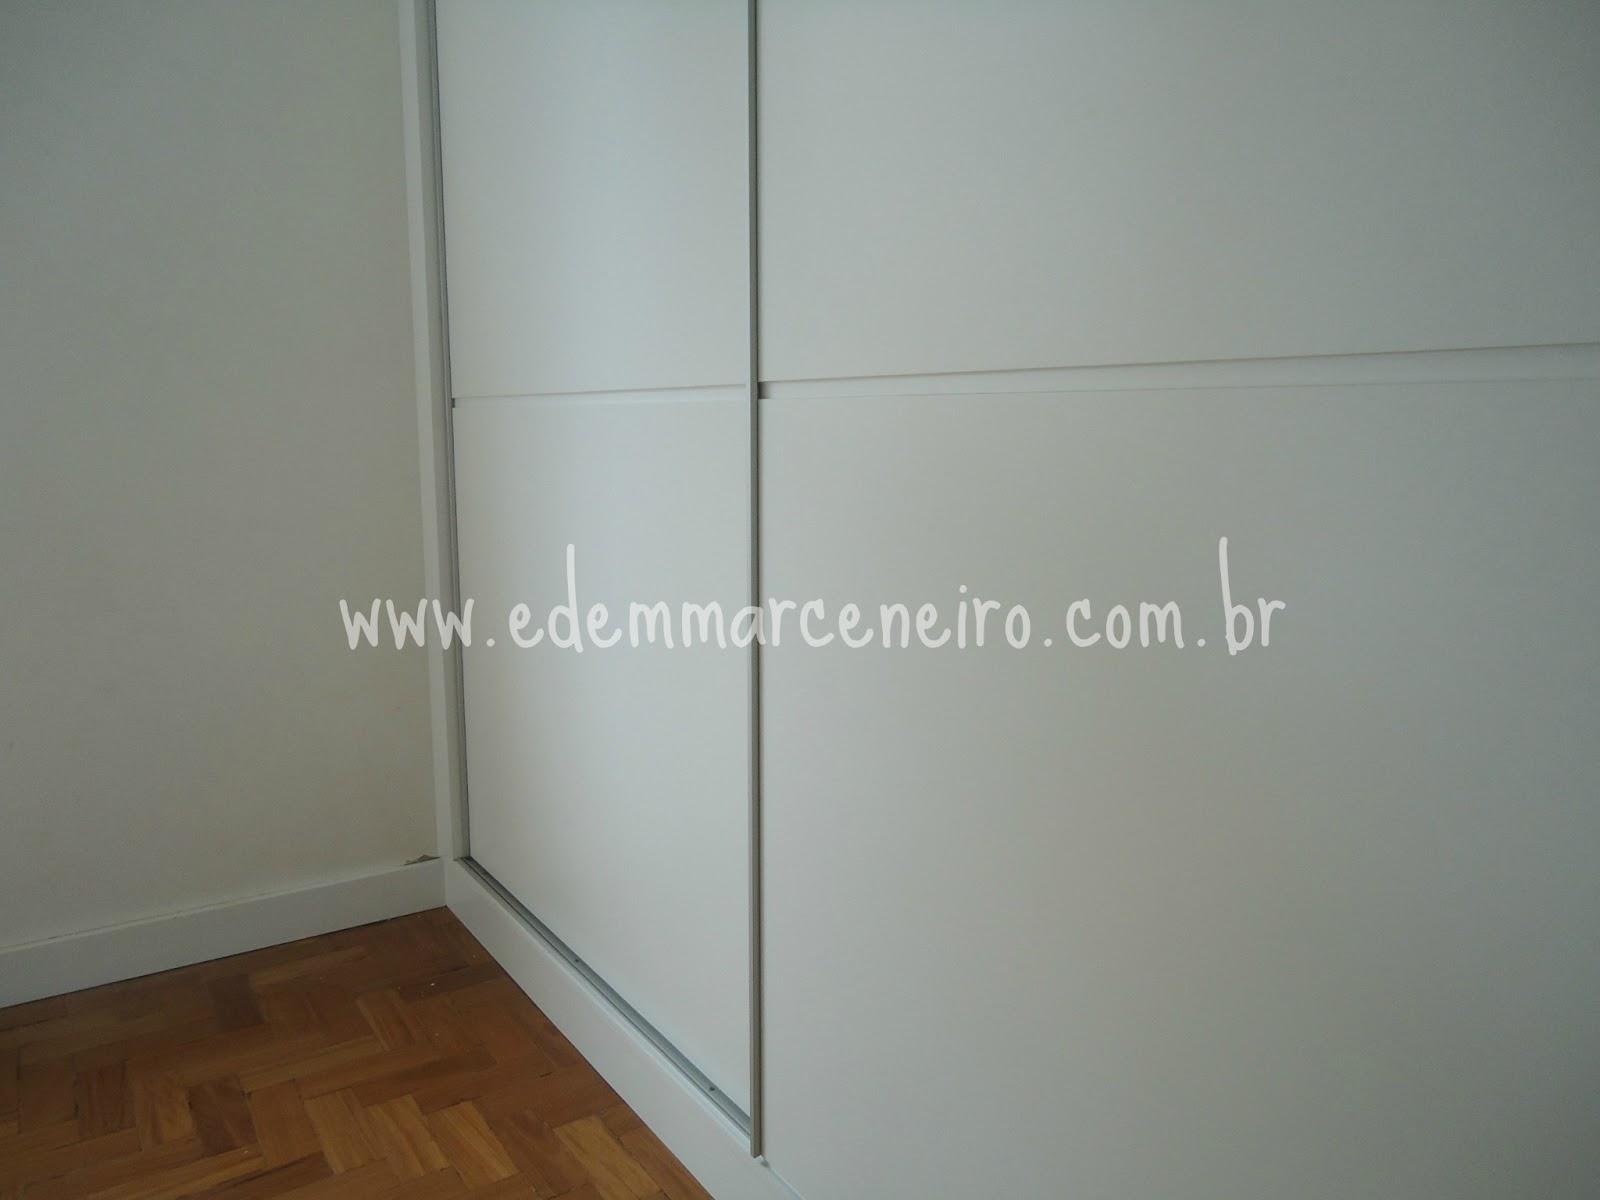 Portas de Correr para Substituir Portas Antigas do Armário Edem  #603E20 1600x1200 Armario Banheiro Porta De Correr